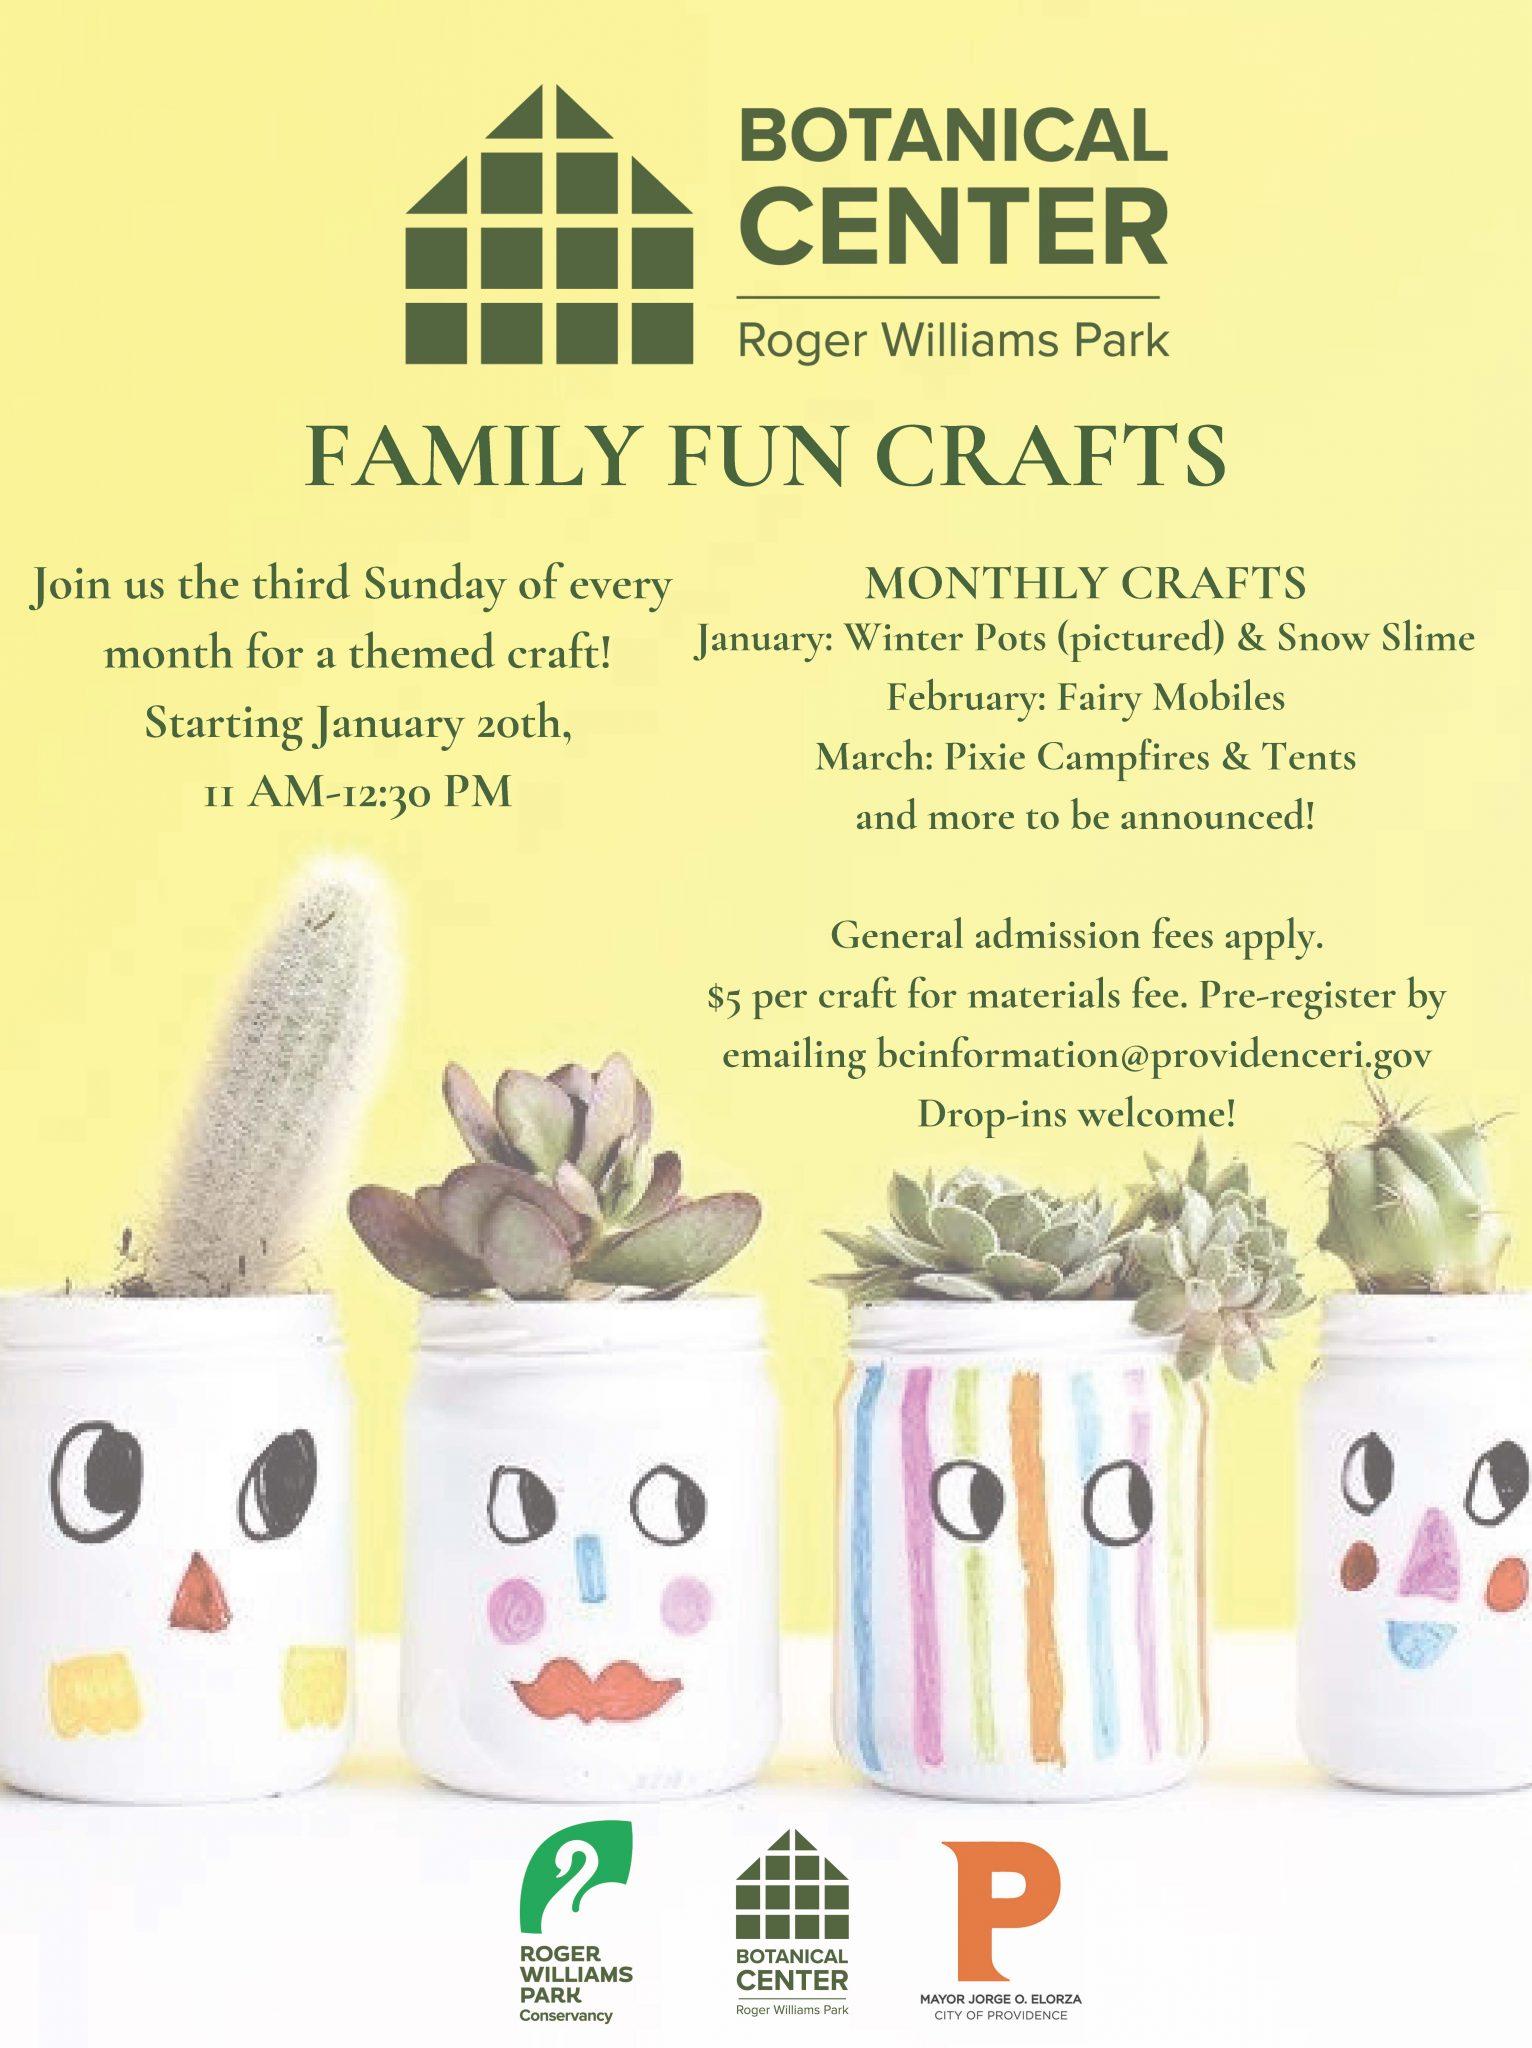 Family Fun Center Application